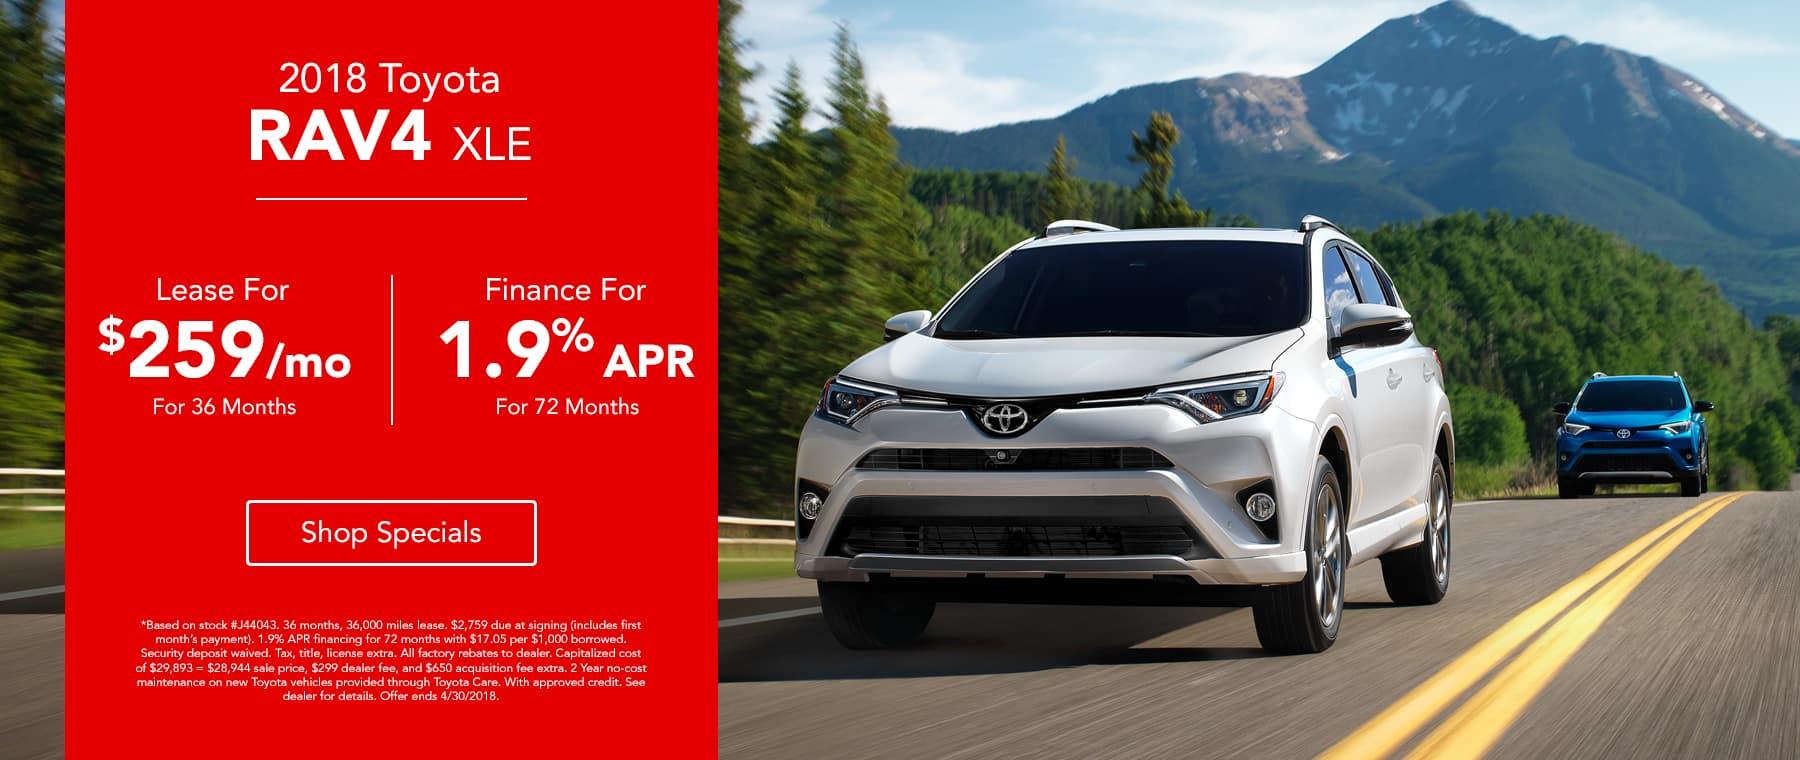 2018 Toyota April RAV4 - Lease for $259/mo